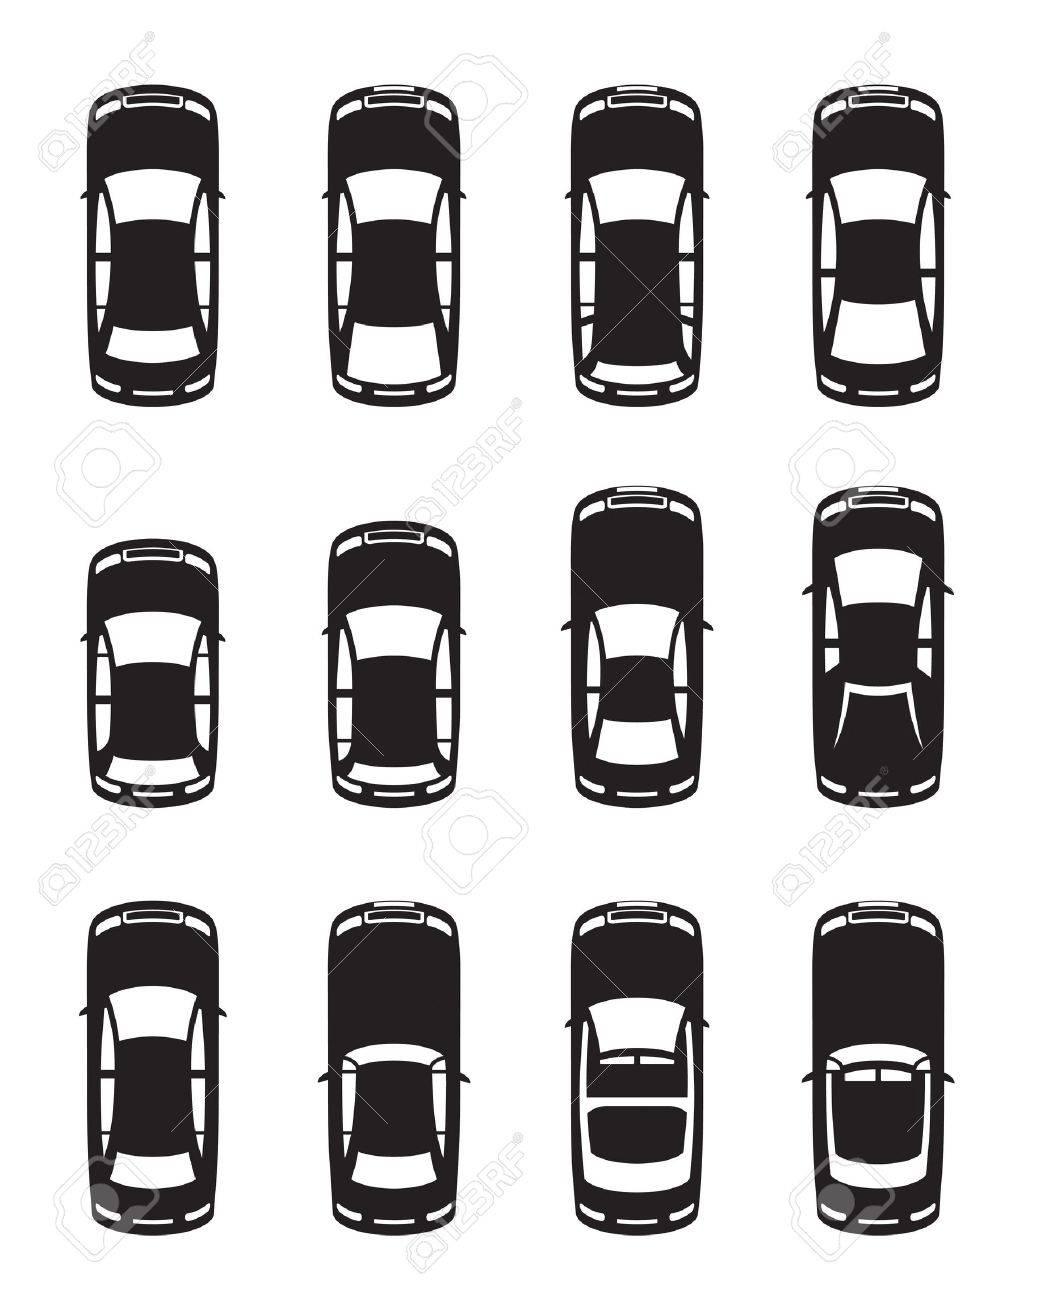 別の車 ベクトル図の上から見たのイラスト素材ベクタ Image 13537056